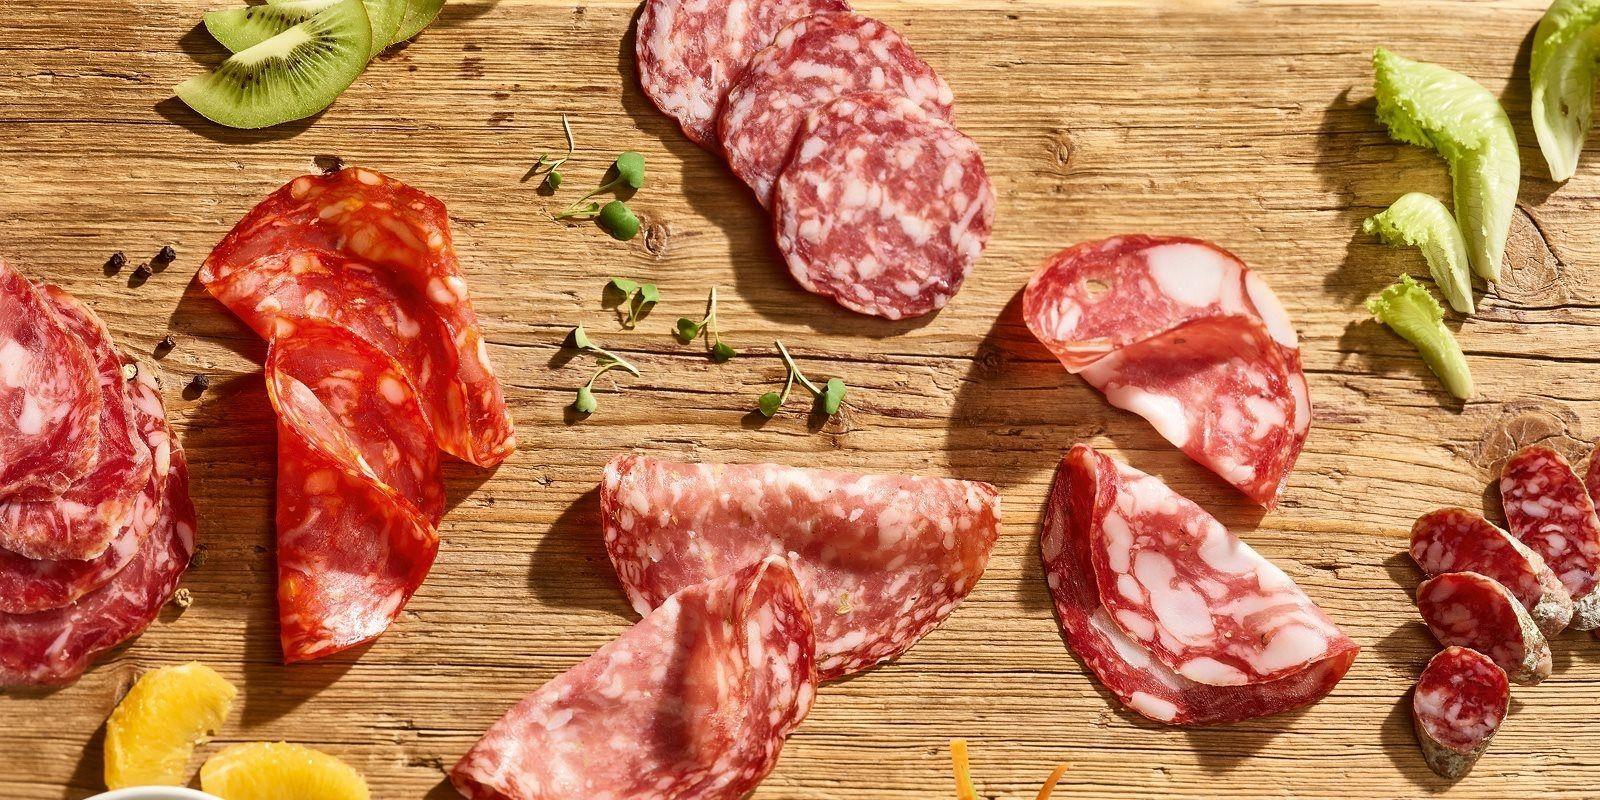 levoni_emozionale_ricette_tagliere_salami(3)